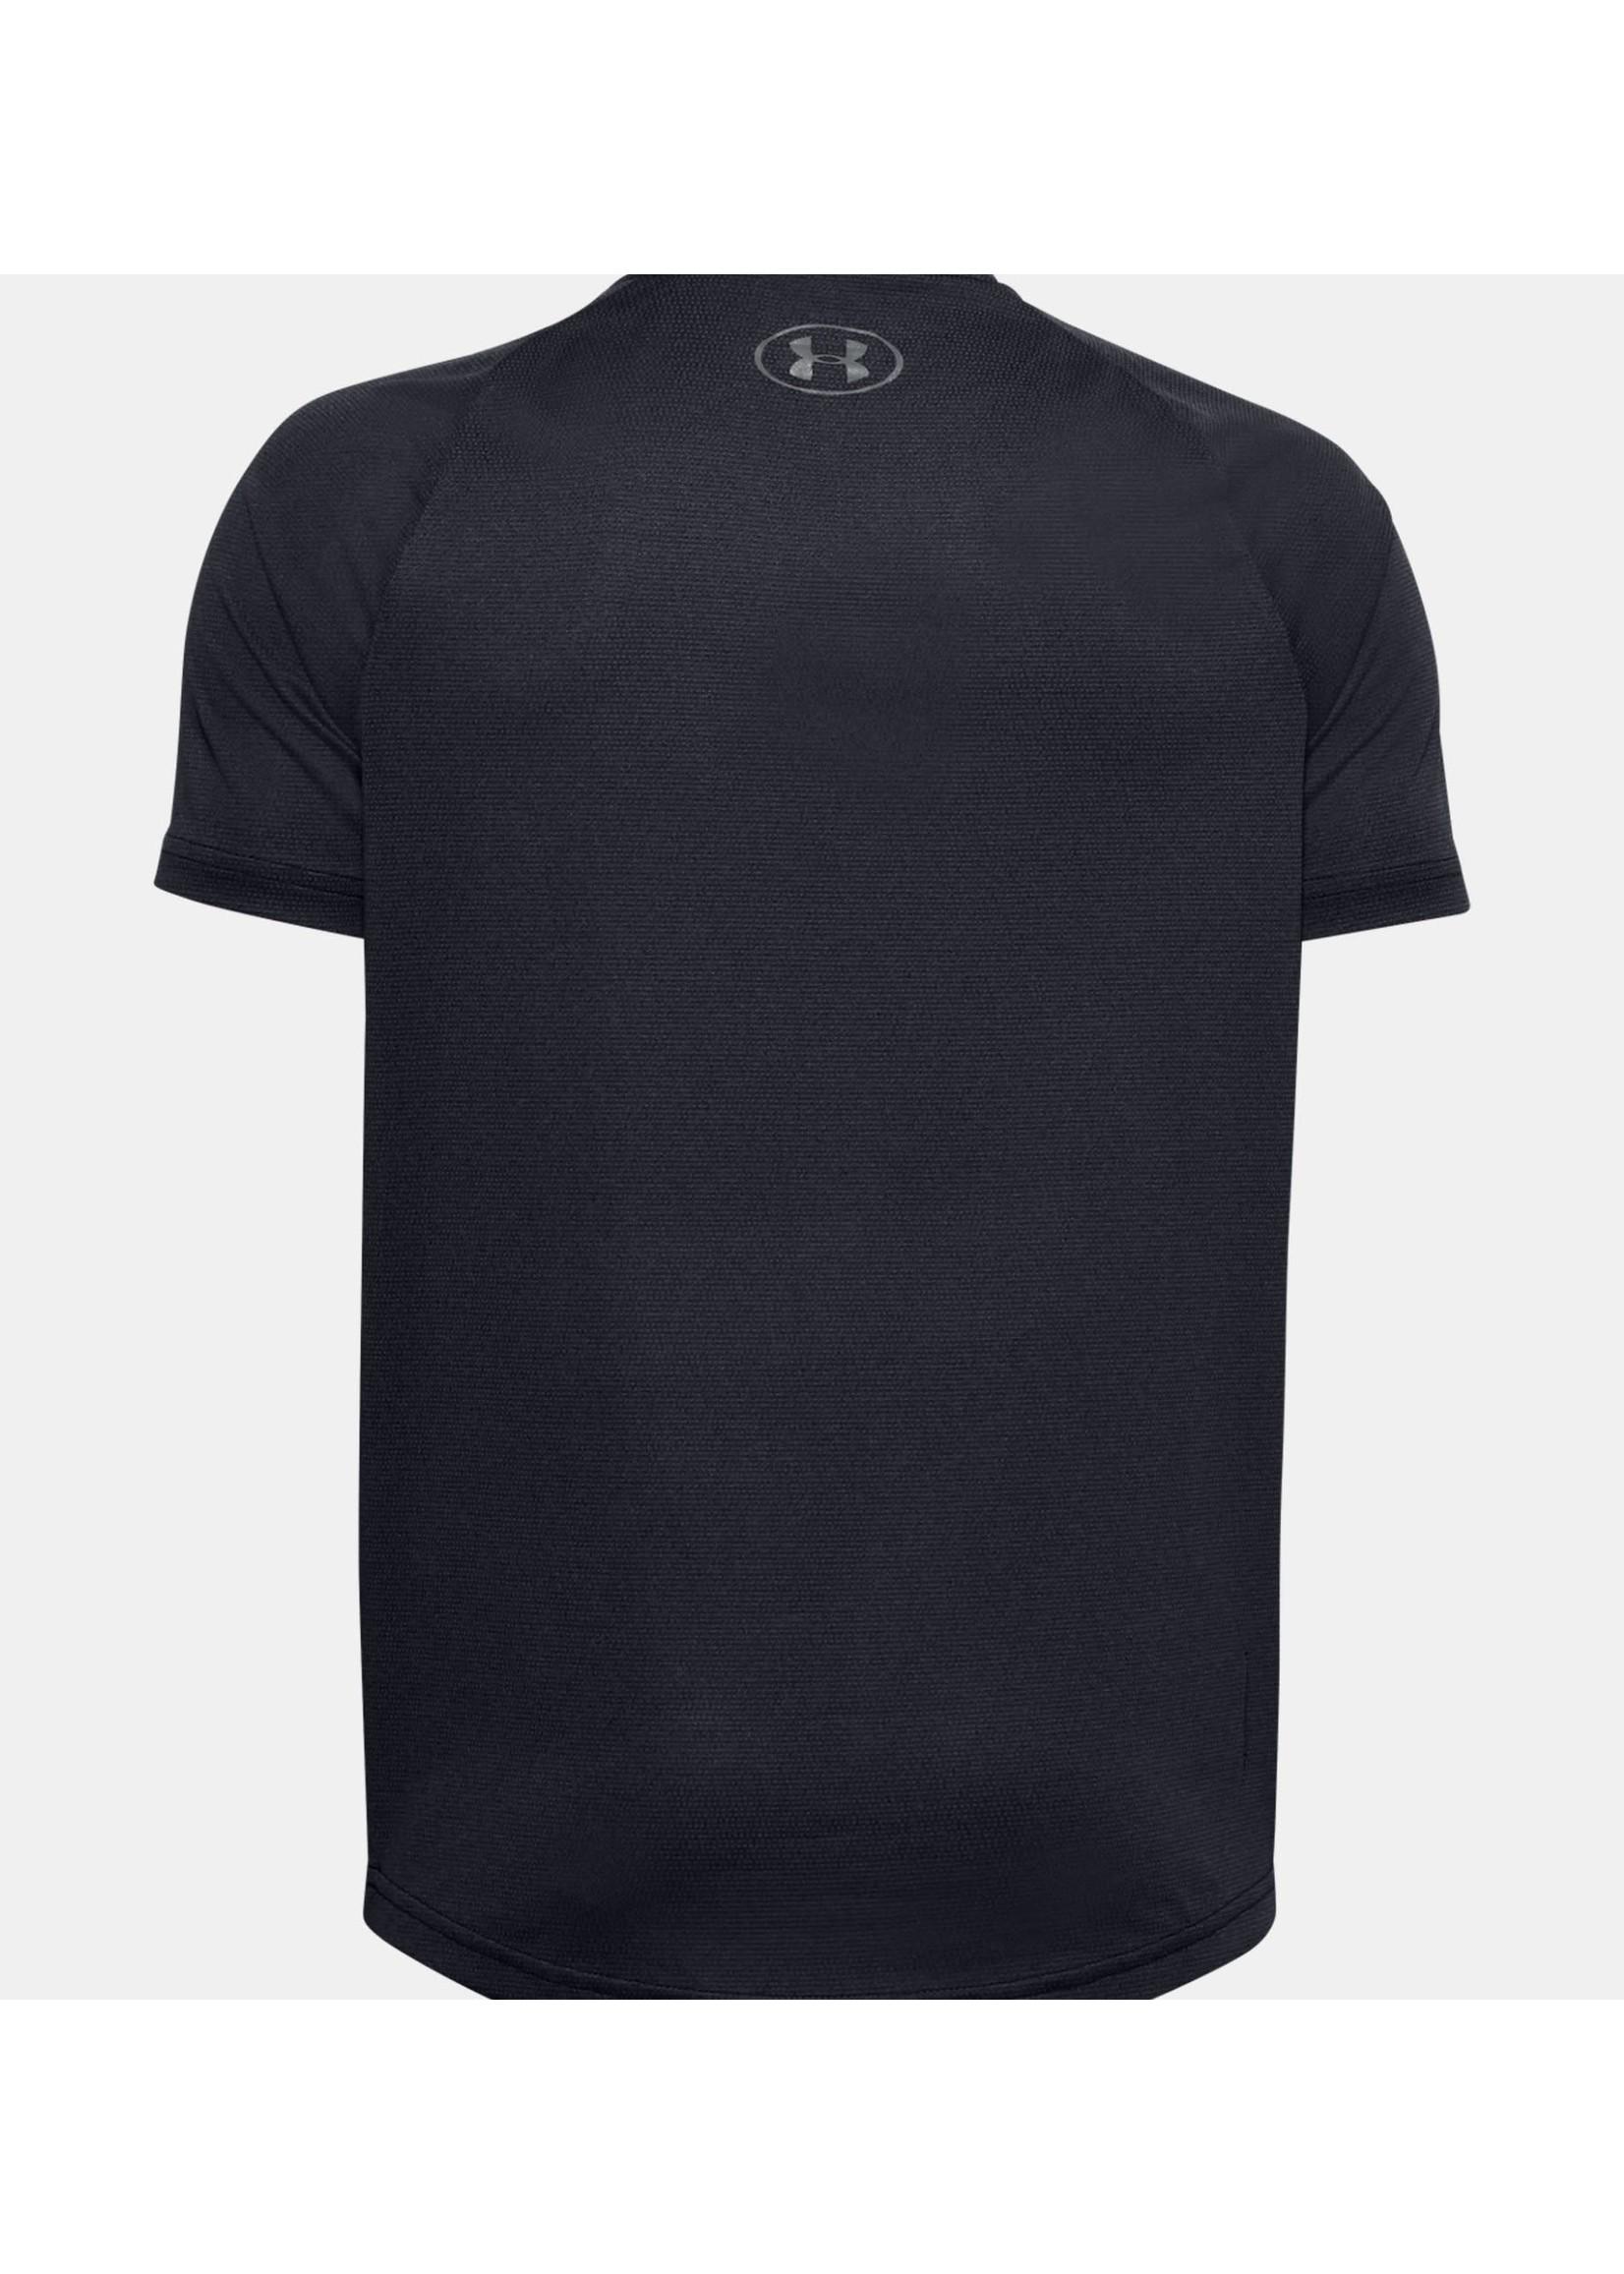 UNDER ARMOUR T-shirt Tech Bubble